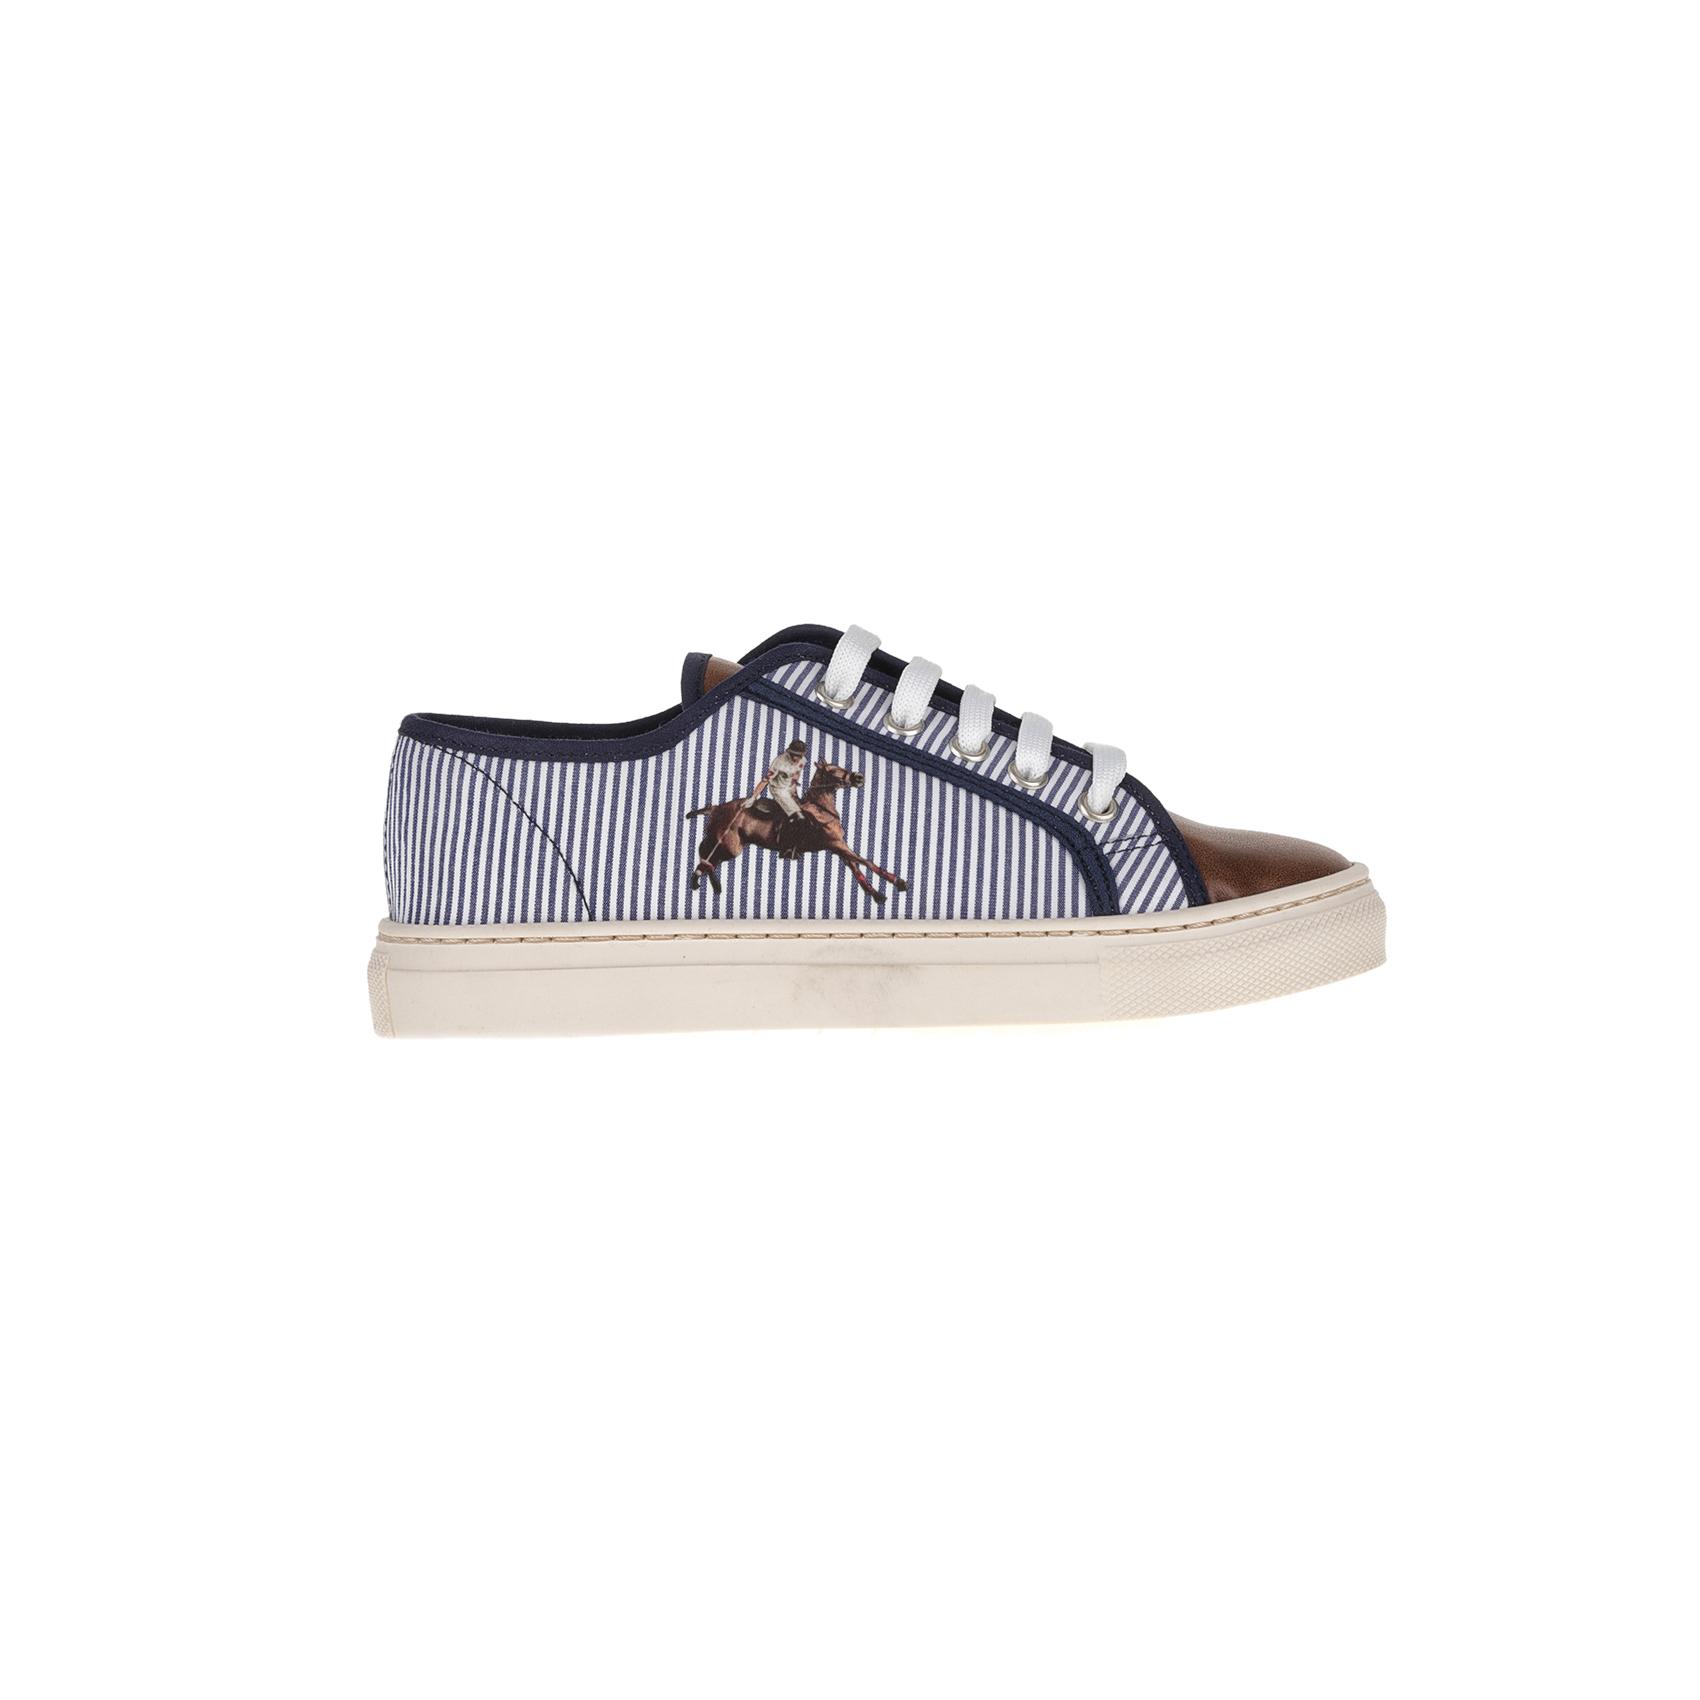 MONNALISA SHOES – Sneakers MONNALISA SHOES POLO H+3